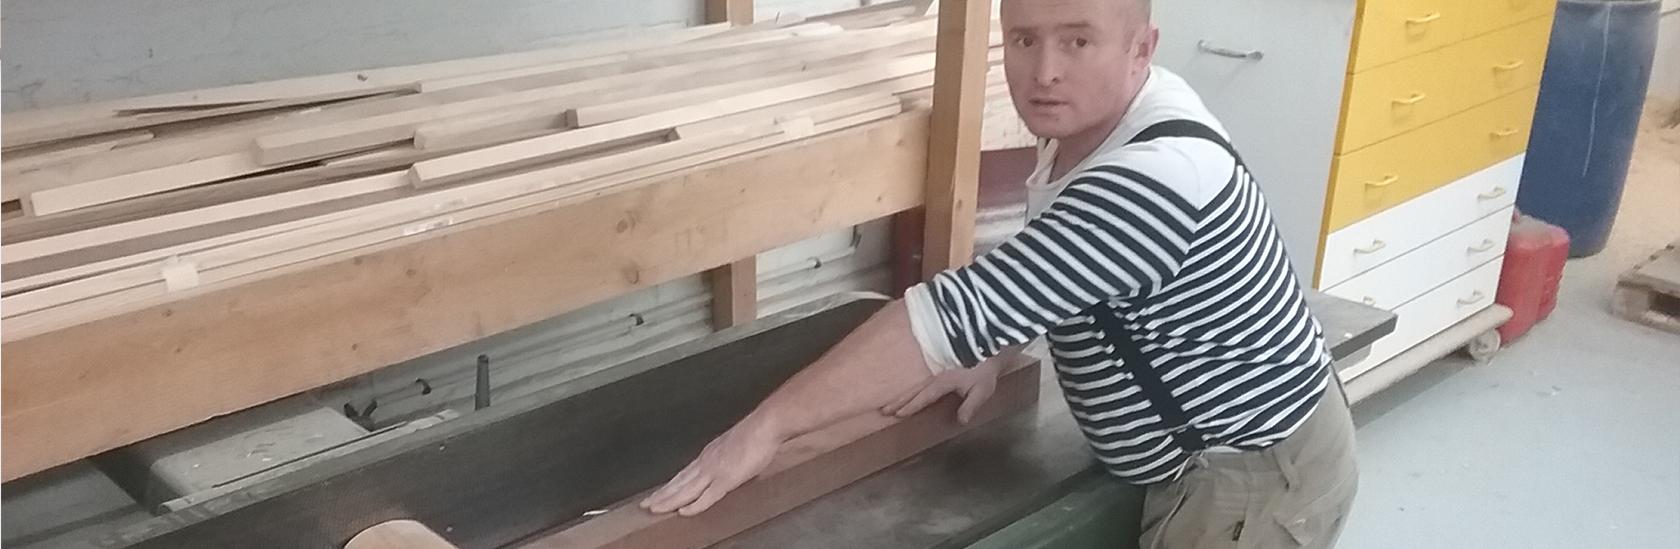 Le Parqueteur Saint-Quentin 02100 - Découpe de bois sur mesure